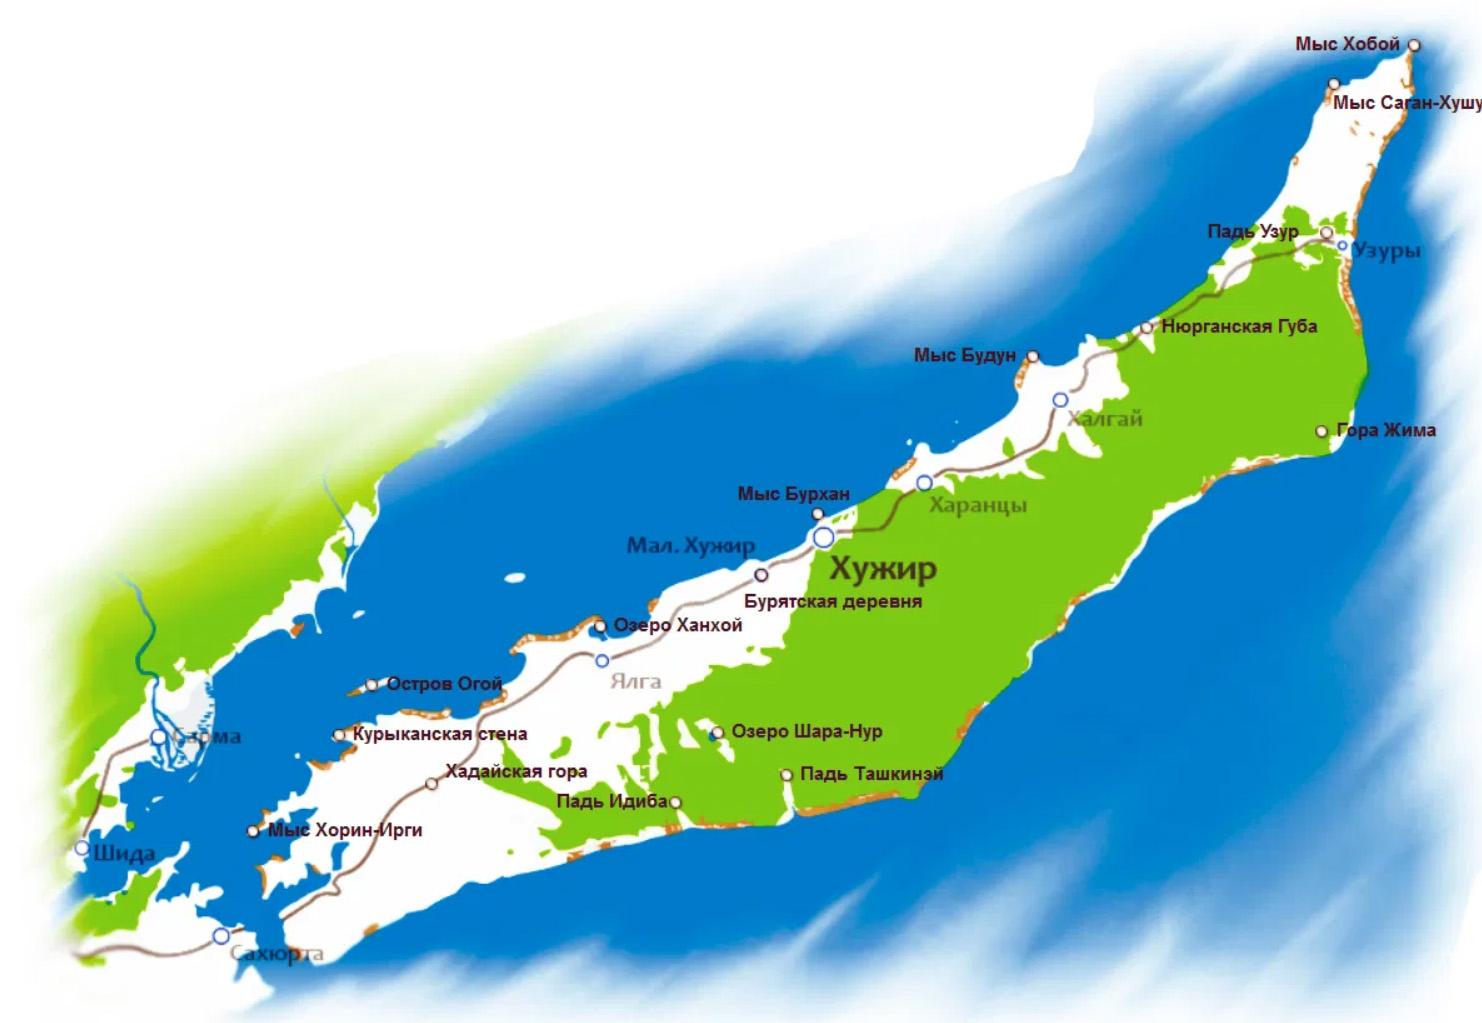 Карта городов и интересных мест острова Ольхон